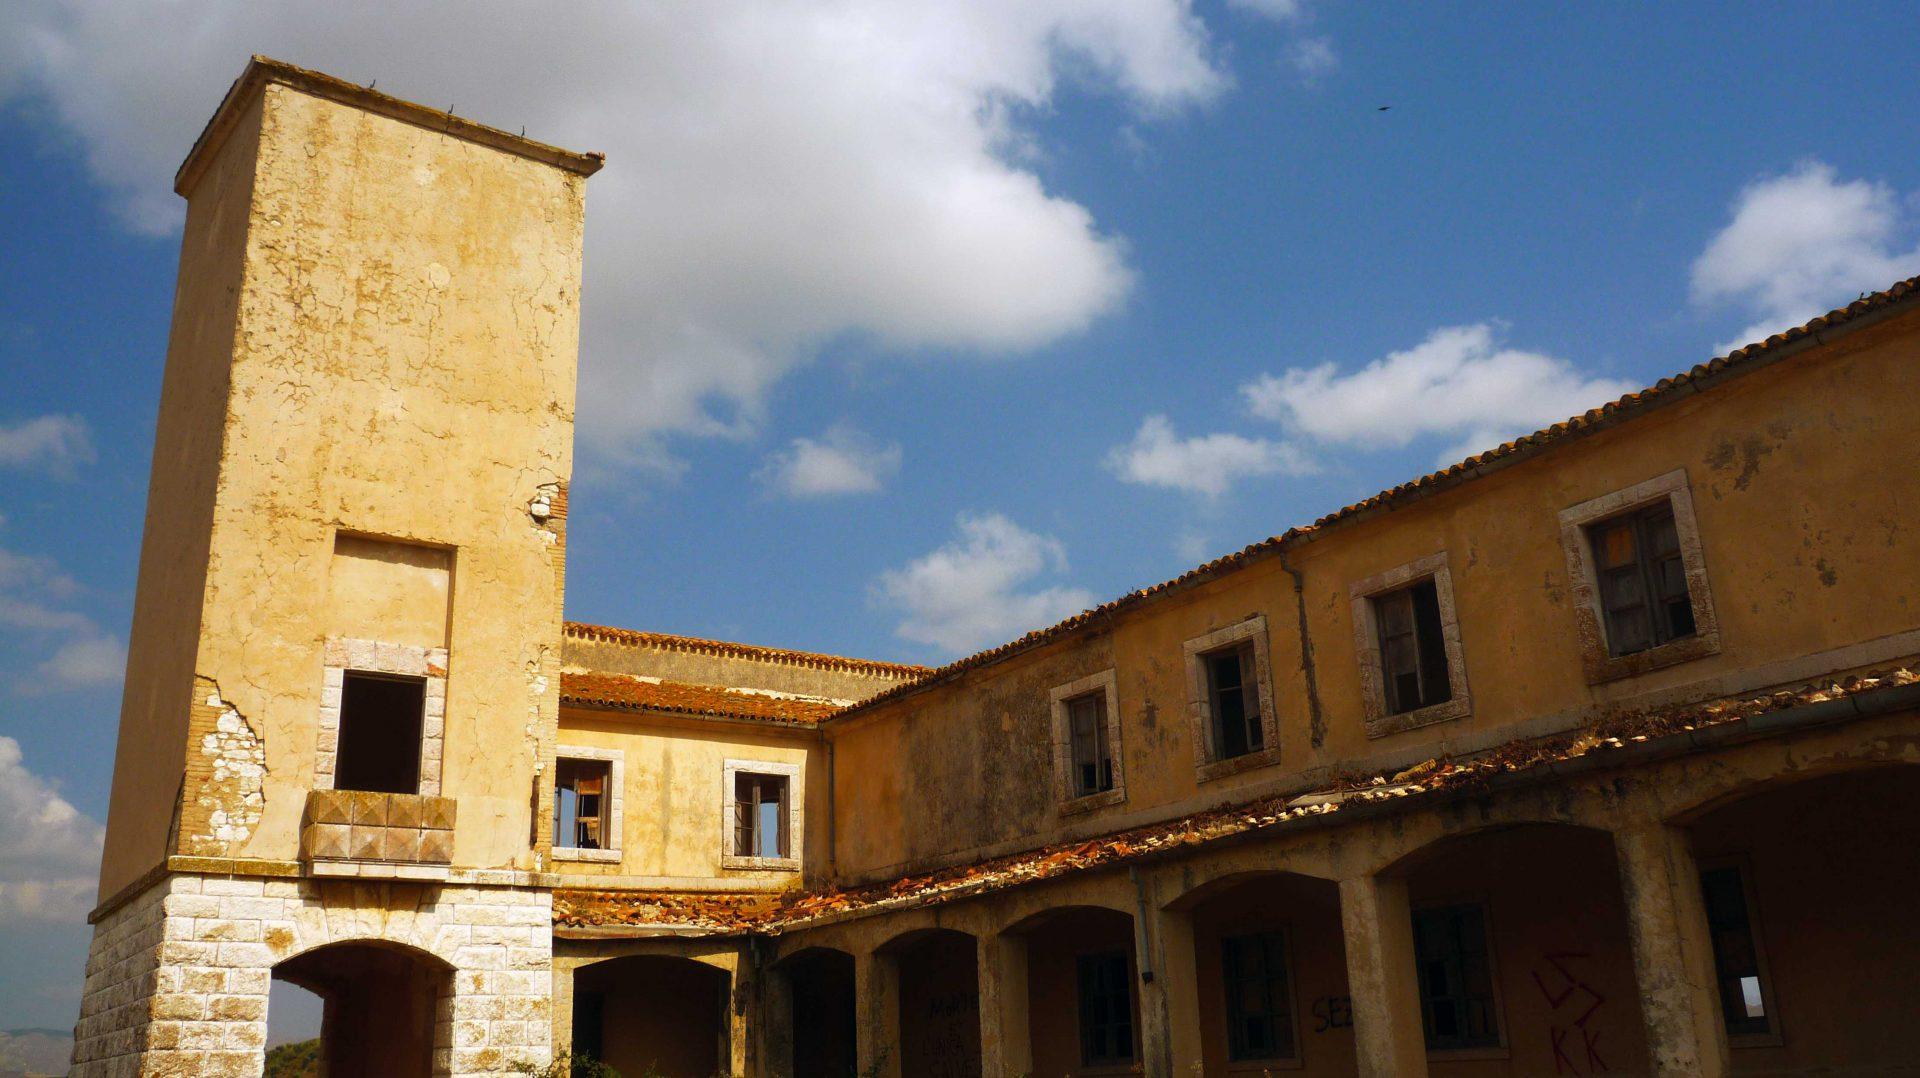 Borgo Borzellino vacuamoenia